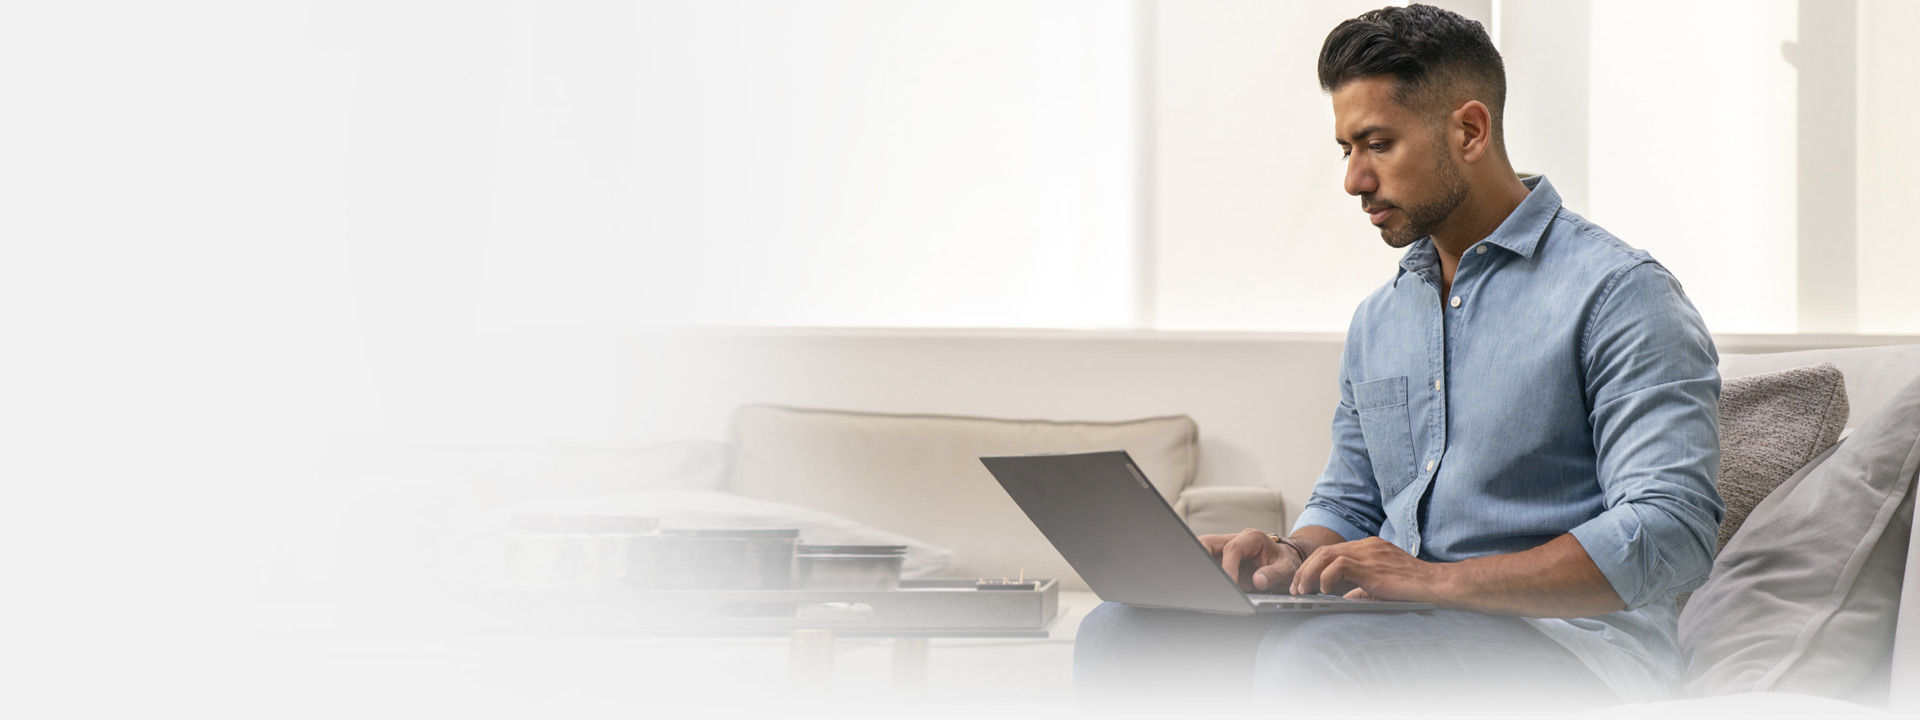 Kanapén ülő, laptopot használó férfi